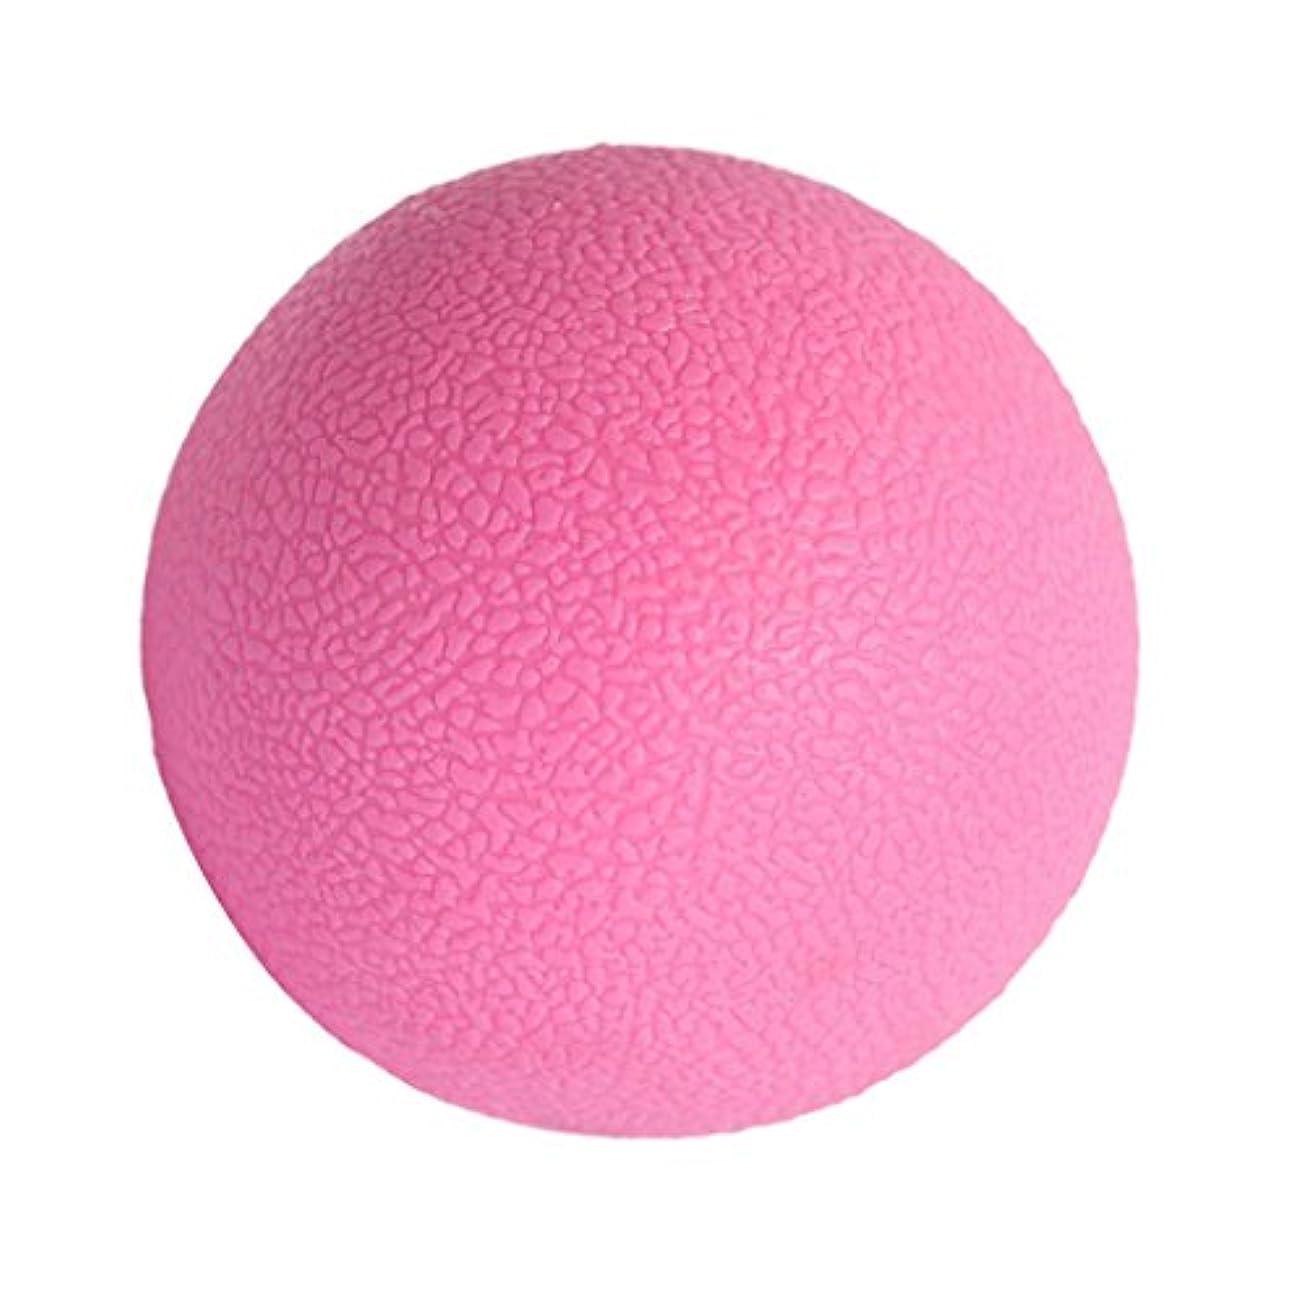 ハックペネロペハンカチマッサージボール ジムフィットネス 筋肉マッサージ ボール トリガーポイント 4色選べる - ピンク, 説明したように